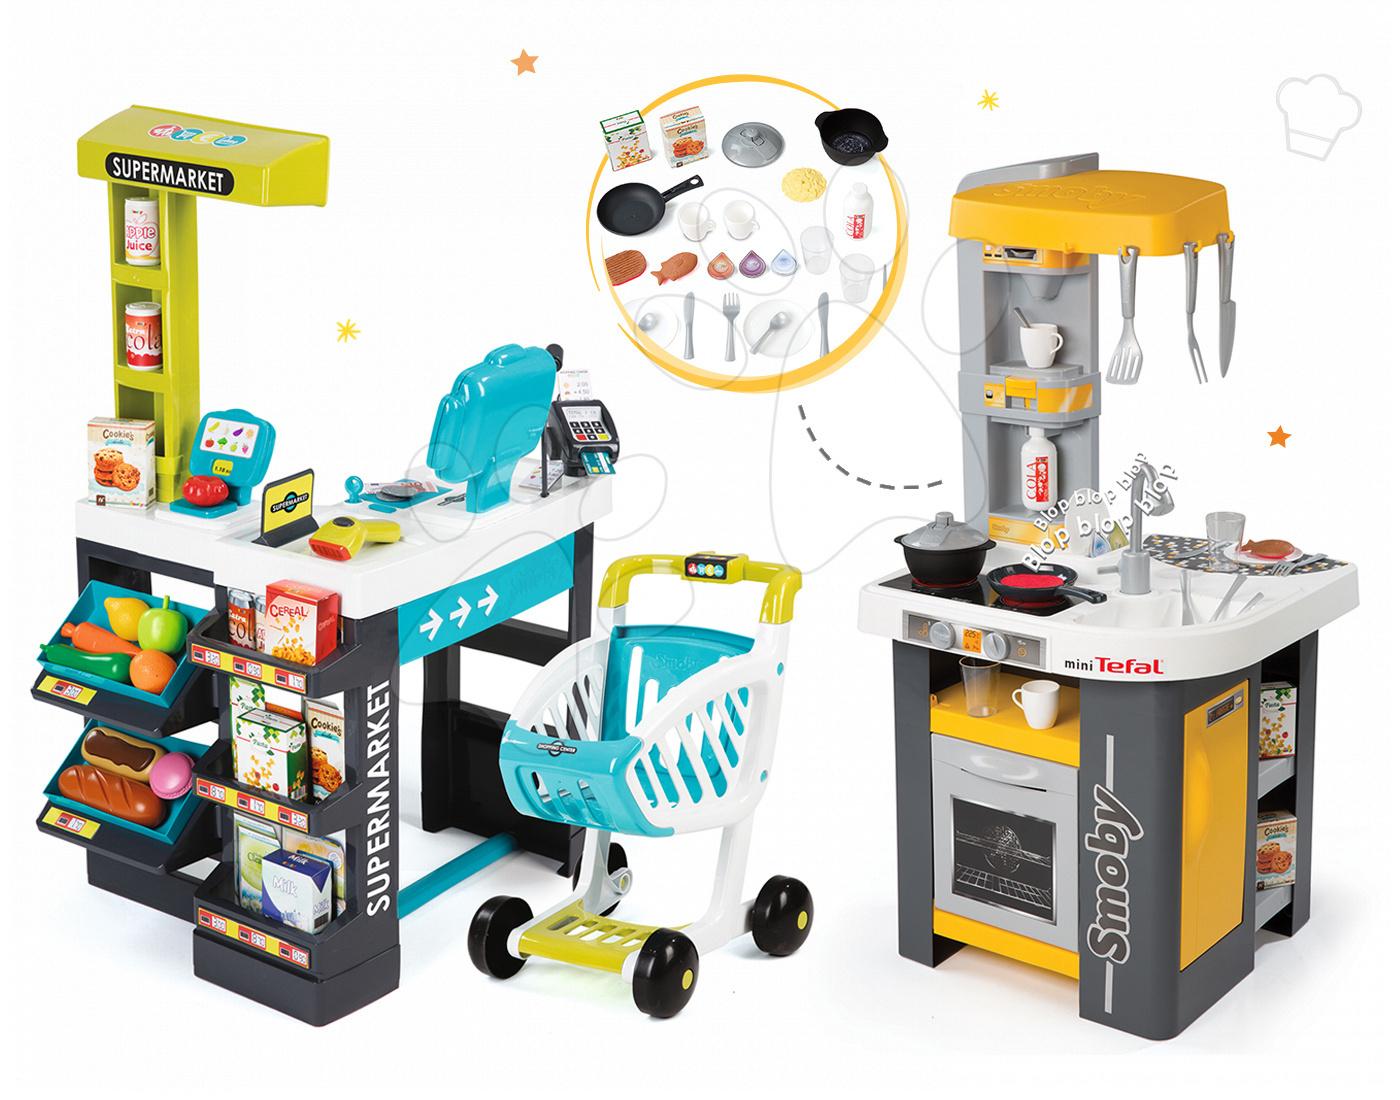 Set kuchyňka Tefal Studio Smoby s automatem na sodu a obchod Supermarket